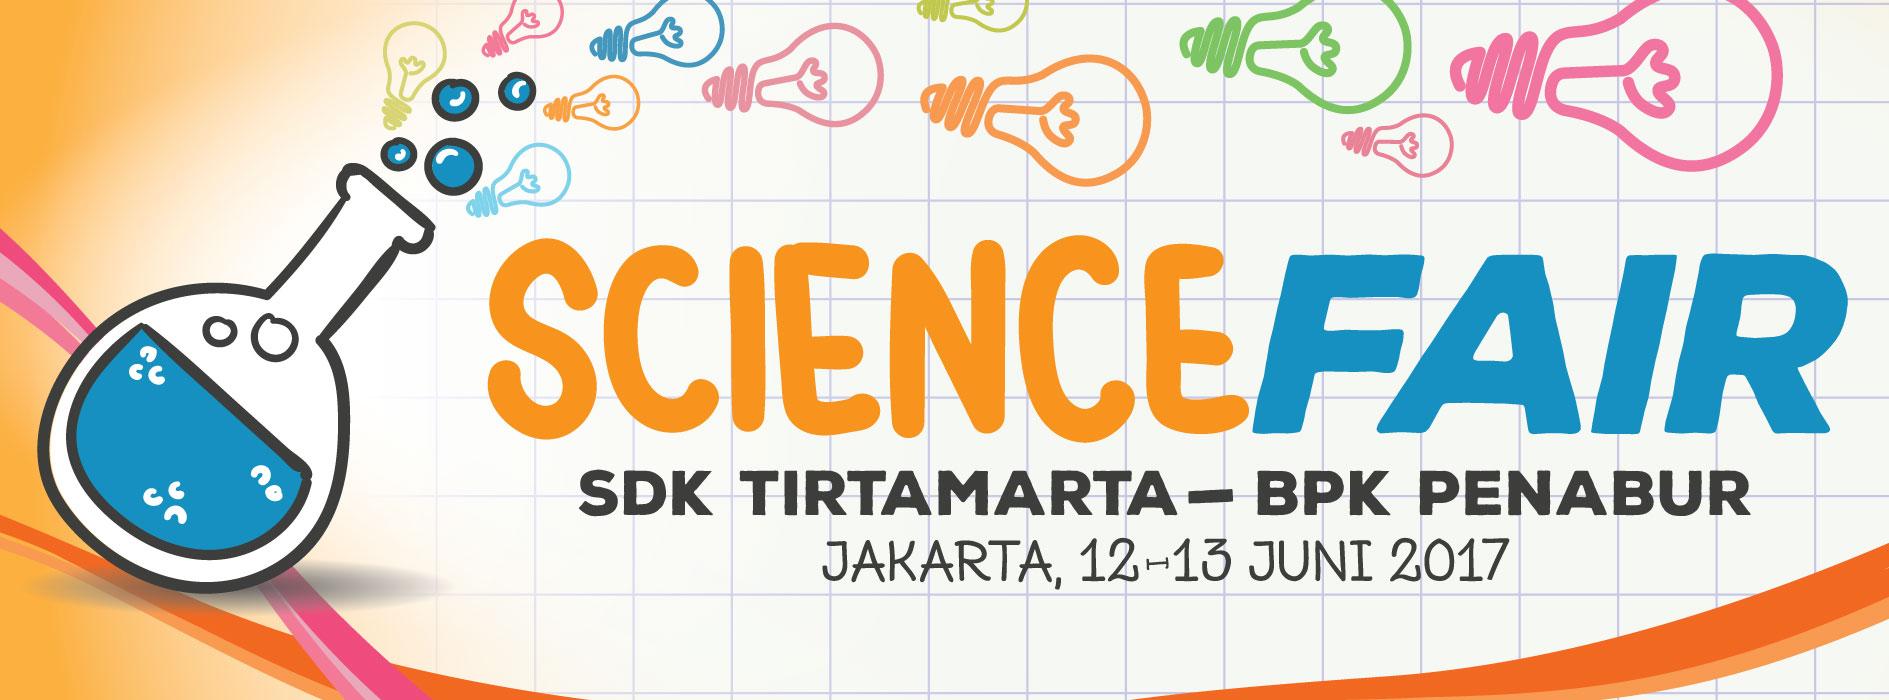 Web-banner-Science-Fair-SD-TM-PI-Juni-2017